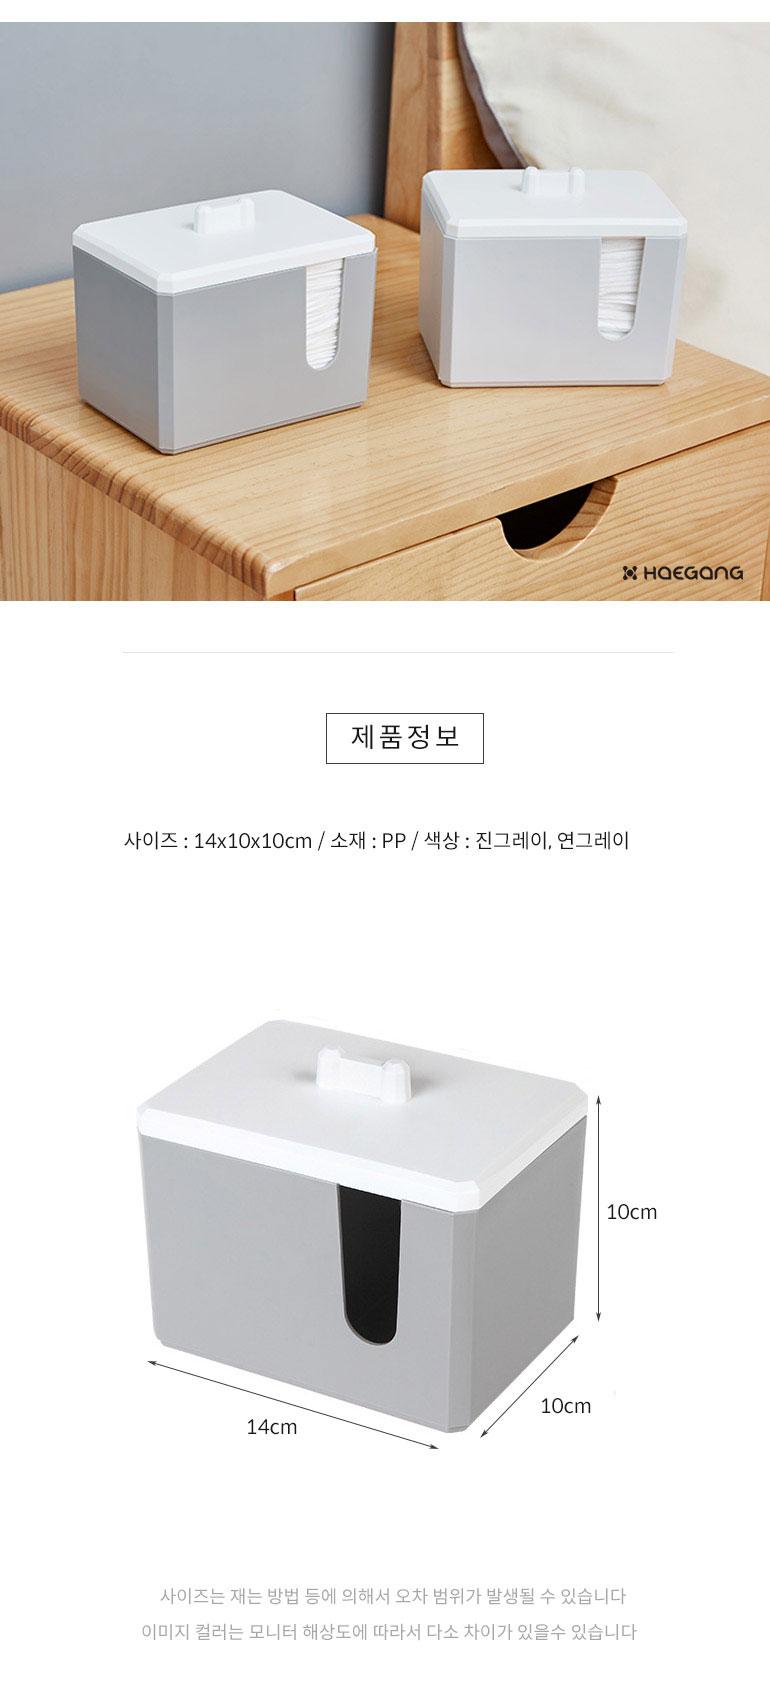 뚜껑있는 화장솜 화장품 수납케이스 - 세일덕, 3,200원, 정리함, 화장품정리함